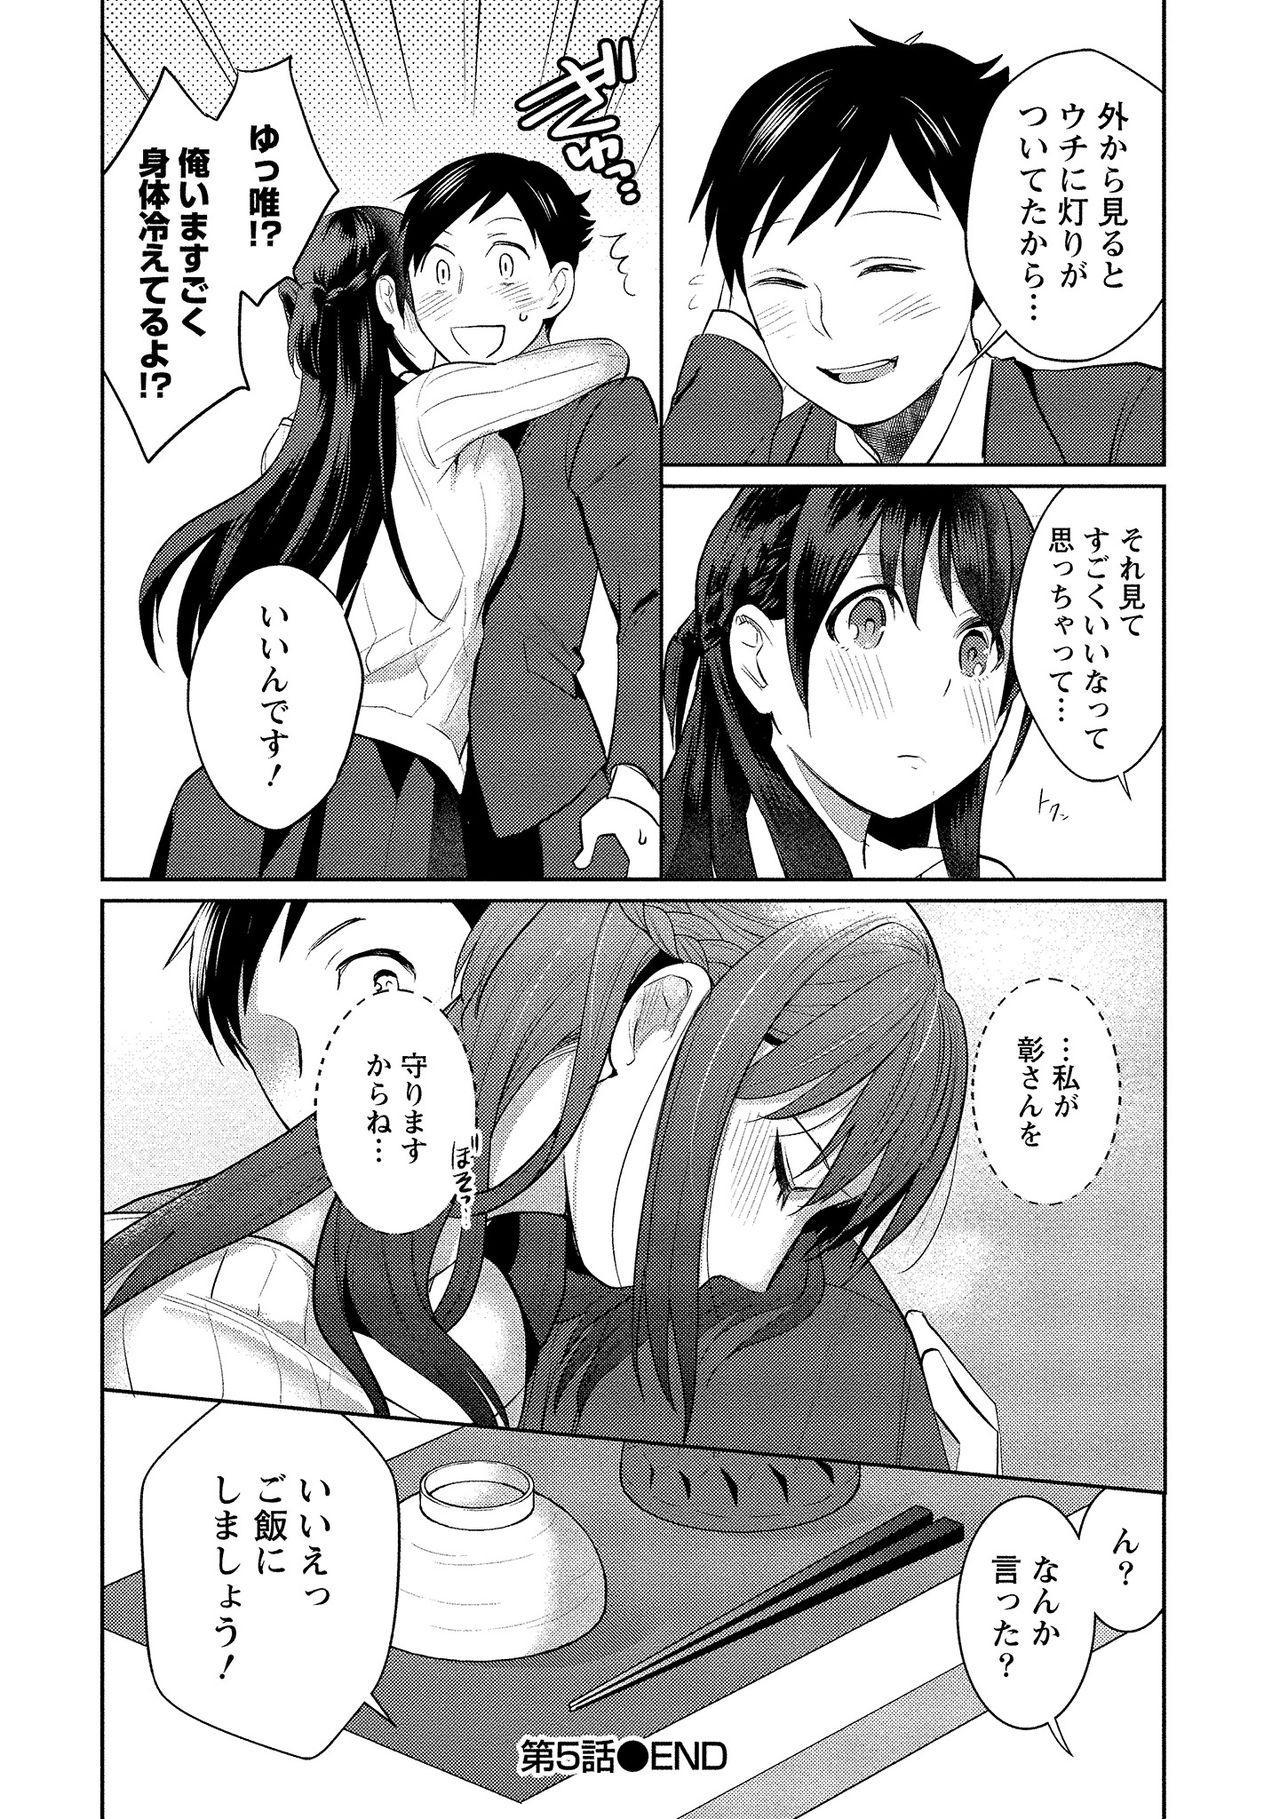 Dorobou Neko wa Kanojo no Hajimari 124